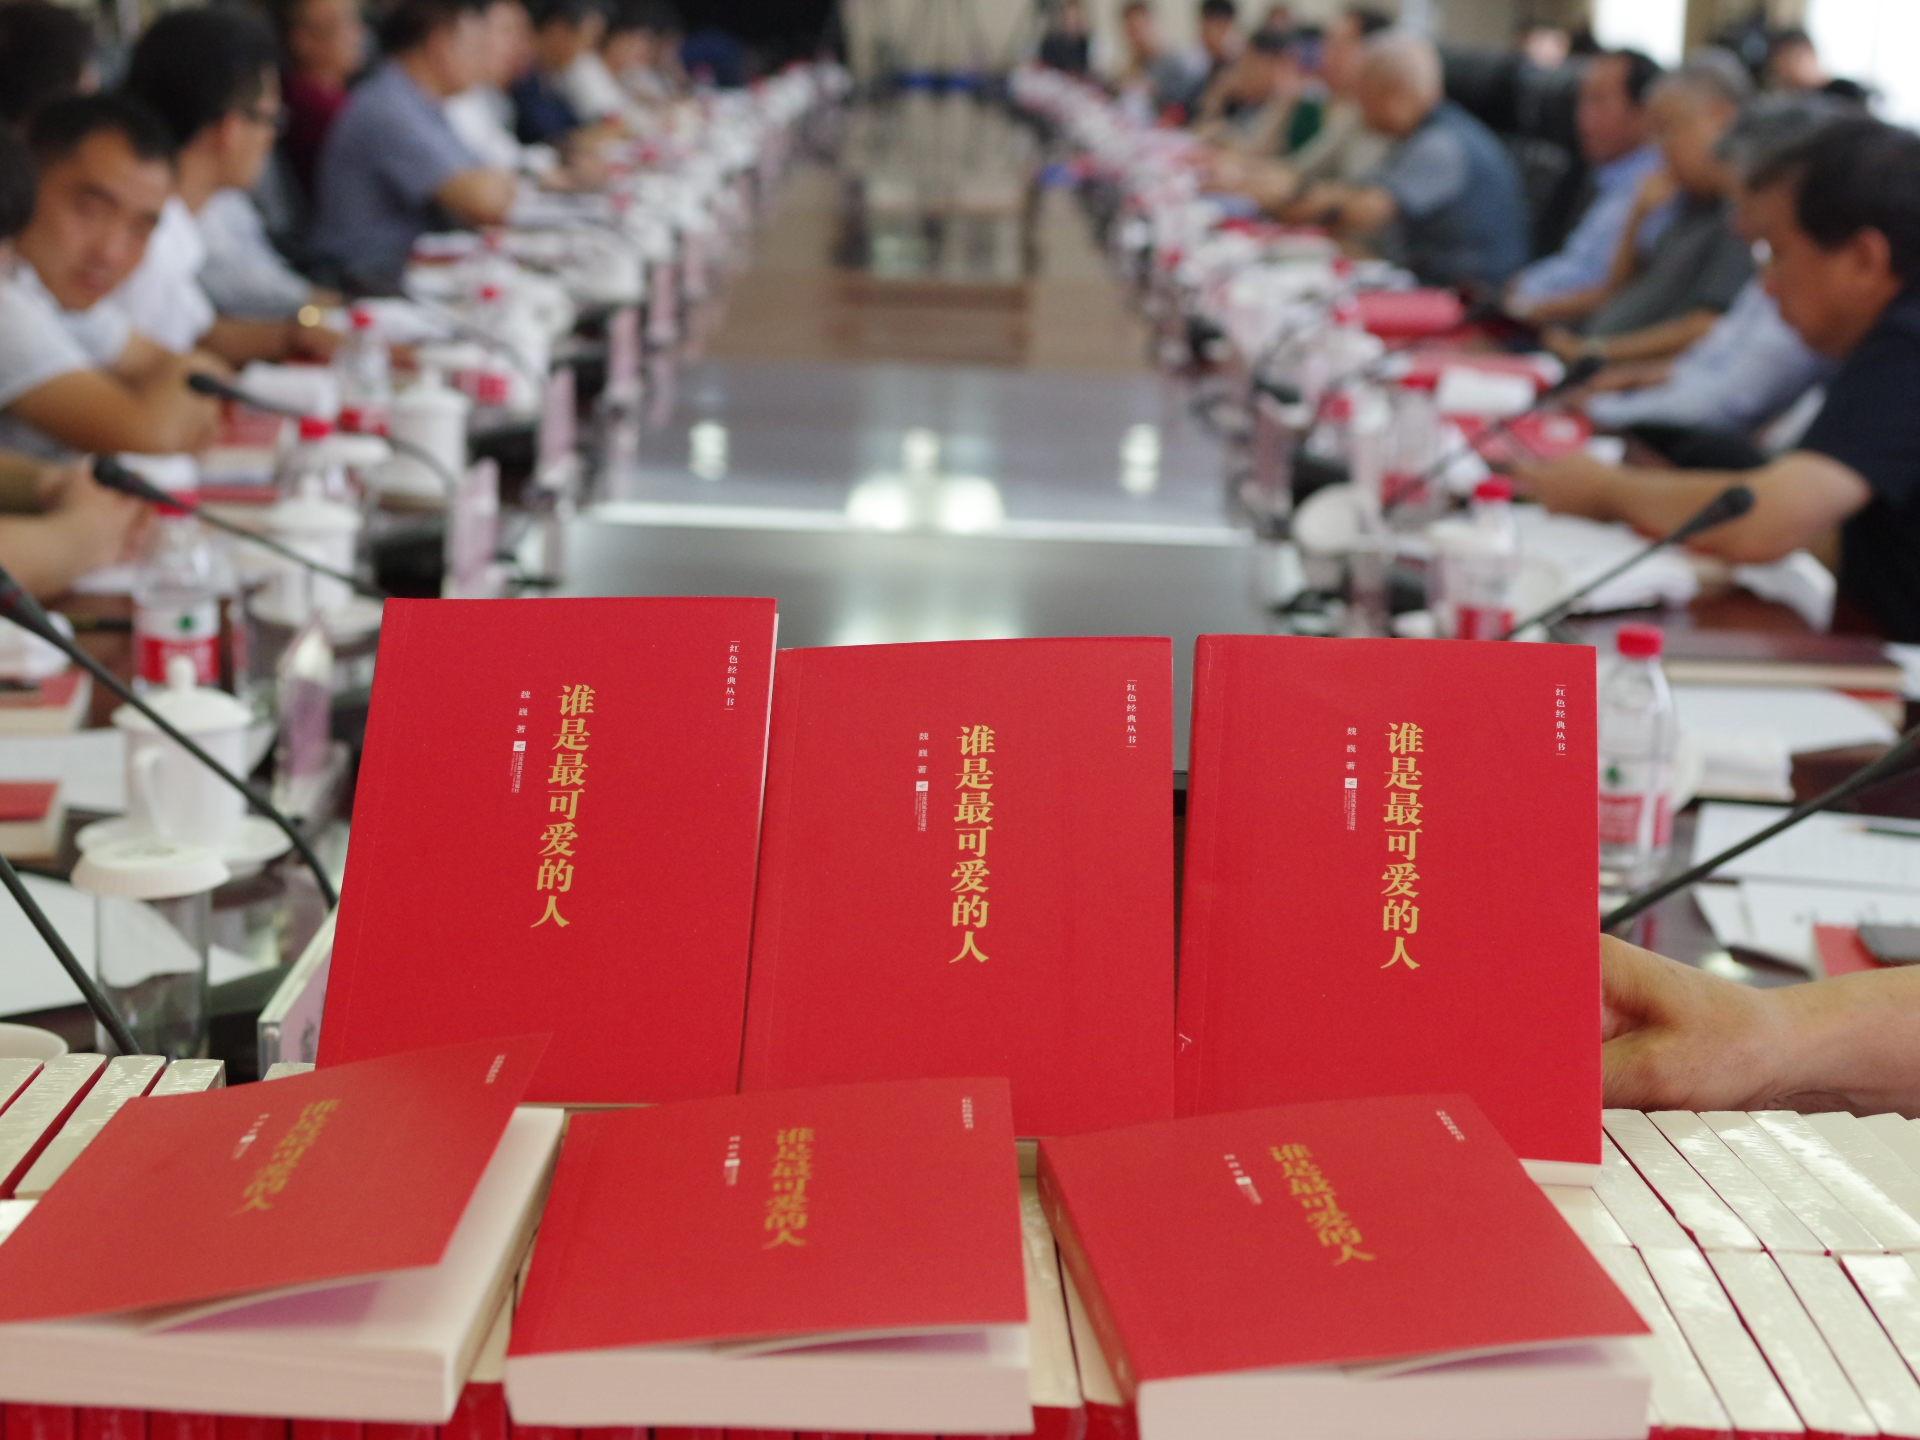 [原创]魏巍《谁是最可爱的人》新版散文集在北京举办座谈会(图)